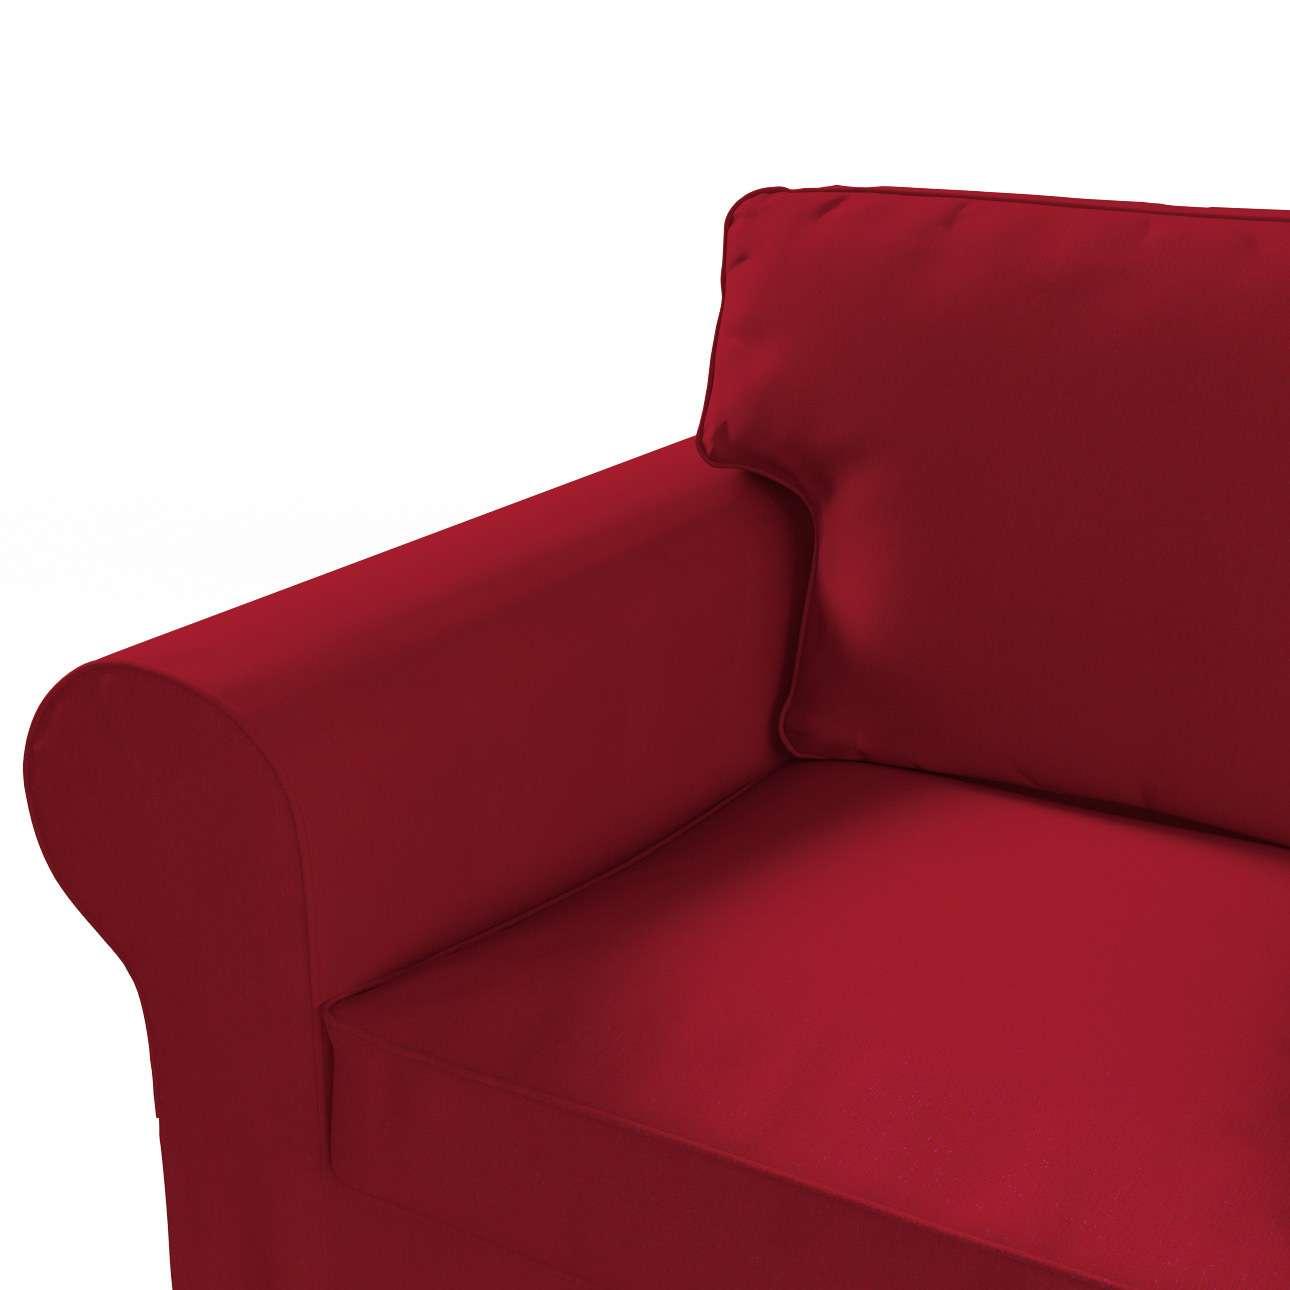 Pokrowiec na sofę Ektorp 3-osobową, rozkładaną NOWY MODEL 2013 Ektorp 3-os rozkładany nowy model 2013 w kolekcji Chenille, tkanina: 702-24